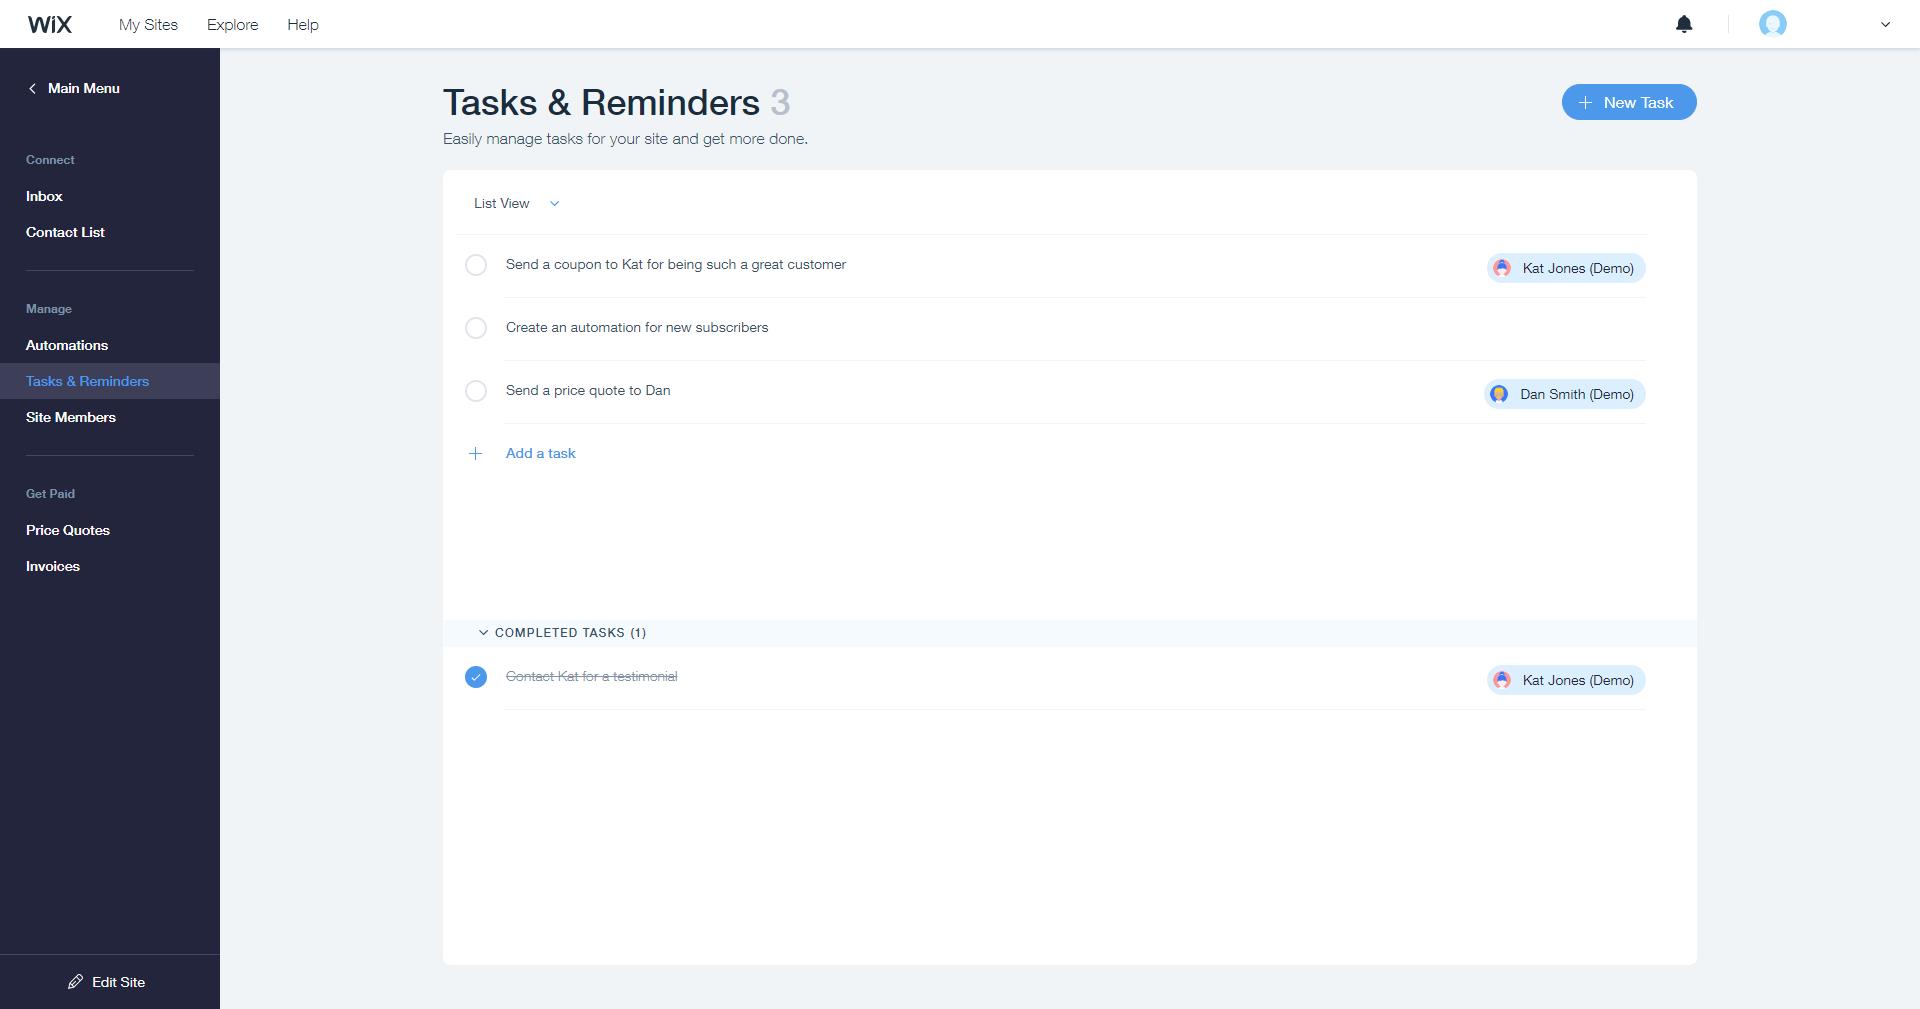 Wix Ascend tasks reminders